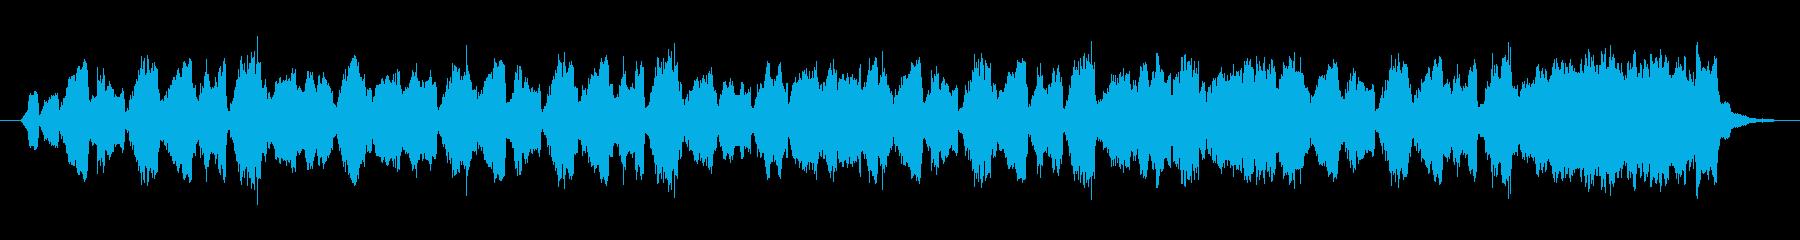 レトロな雰囲気の約20秒ジングルの再生済みの波形